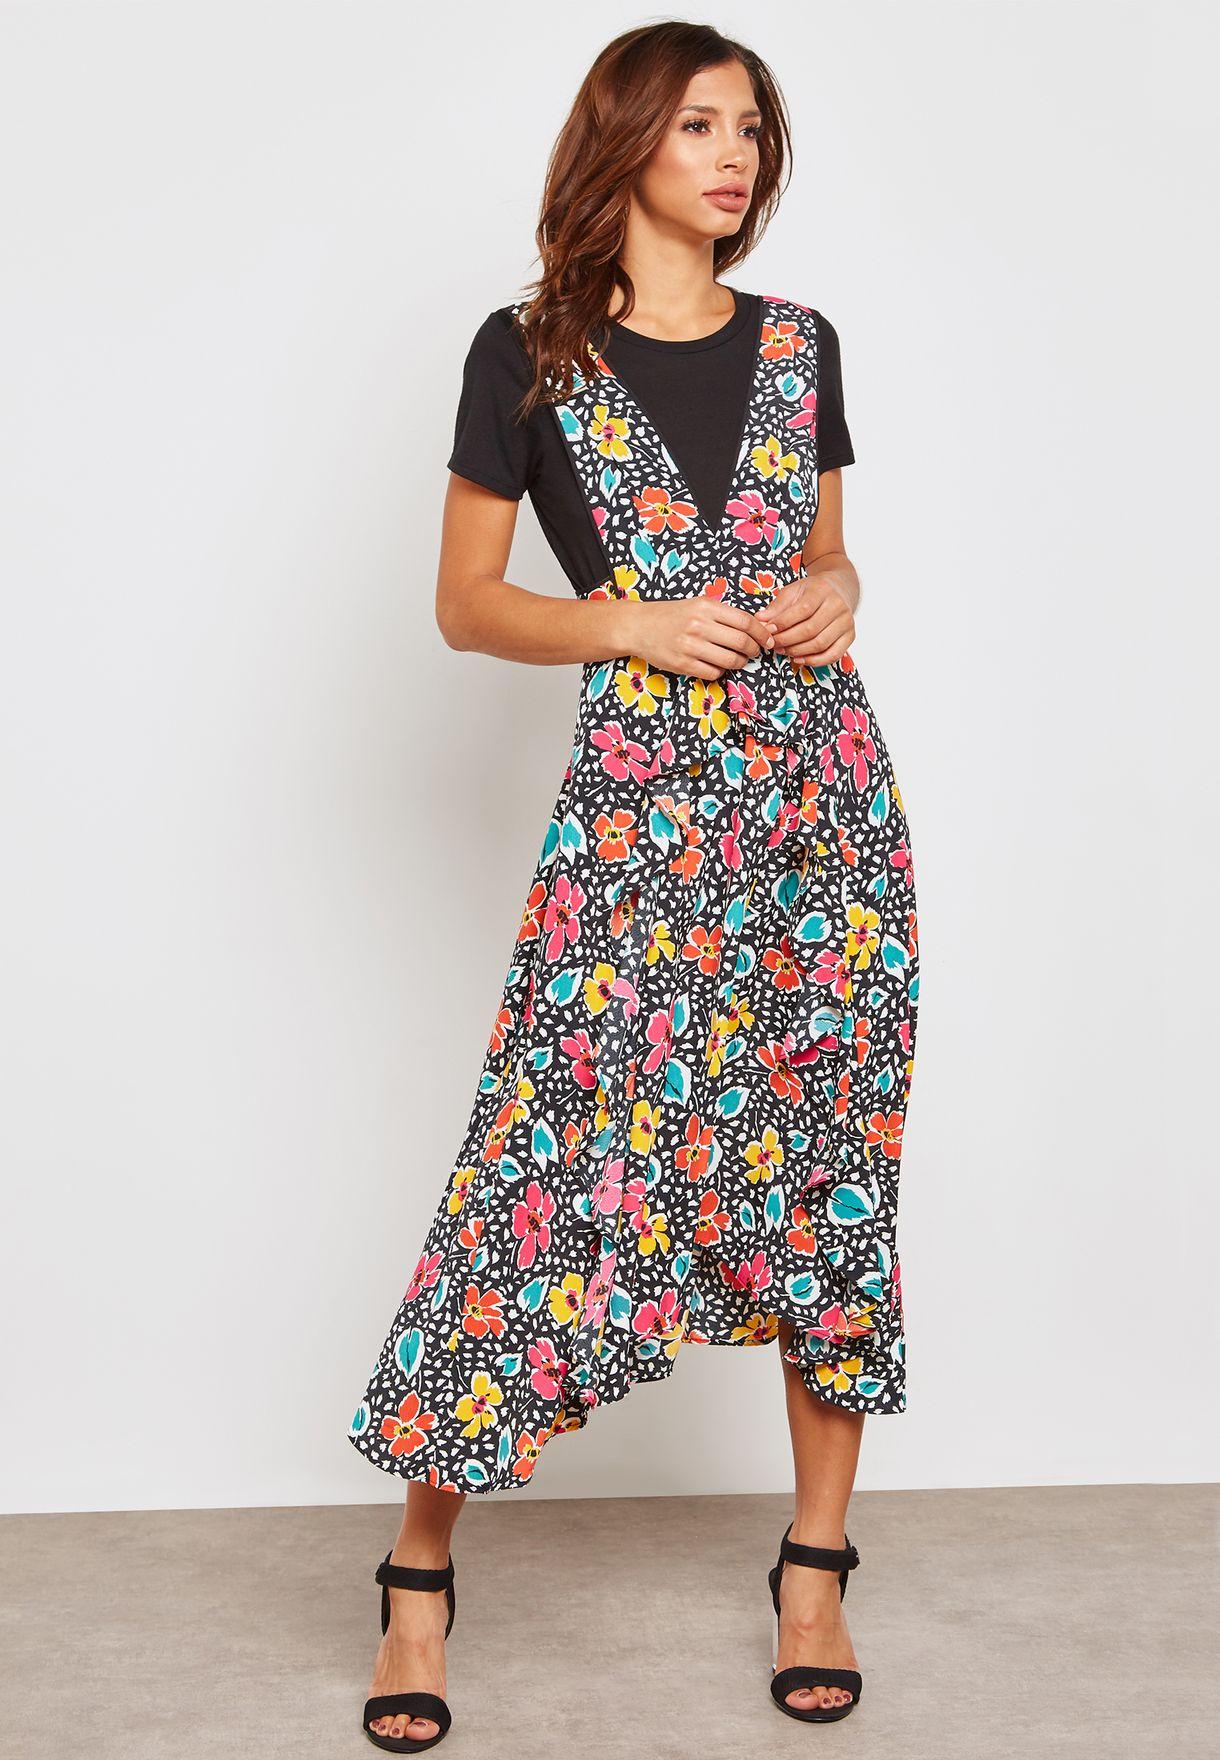 fadc43efb5a2 Shop Topshop prints Floral Print Pinafore Midi Dress 10S15PMUL for ...